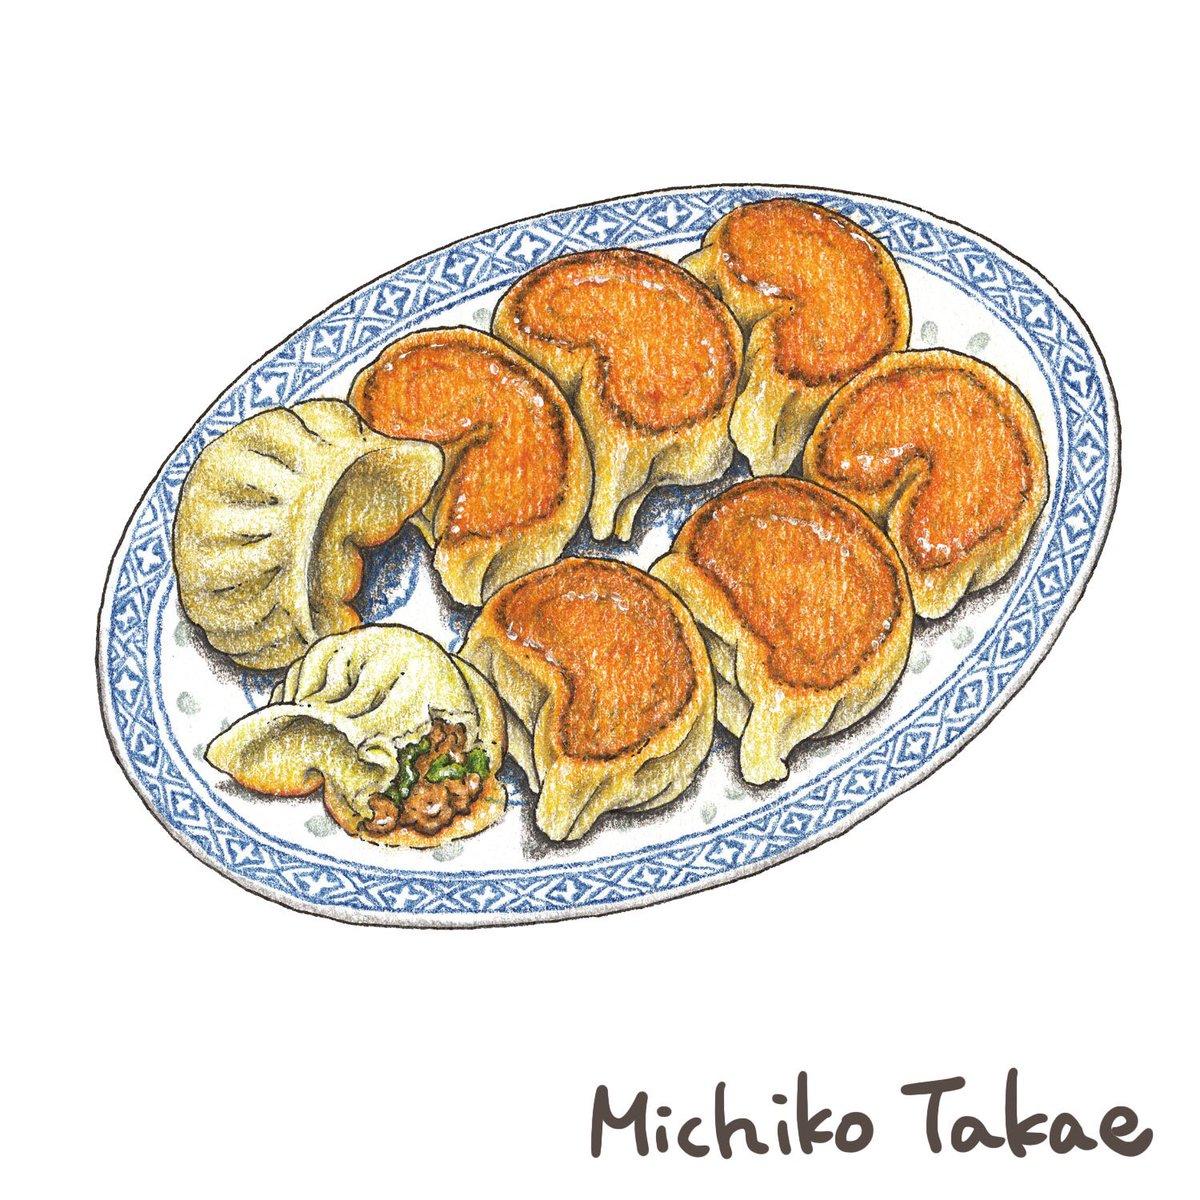 たかえみちこ On Twitter らーめん 麺や焼き餃子 Httpstco